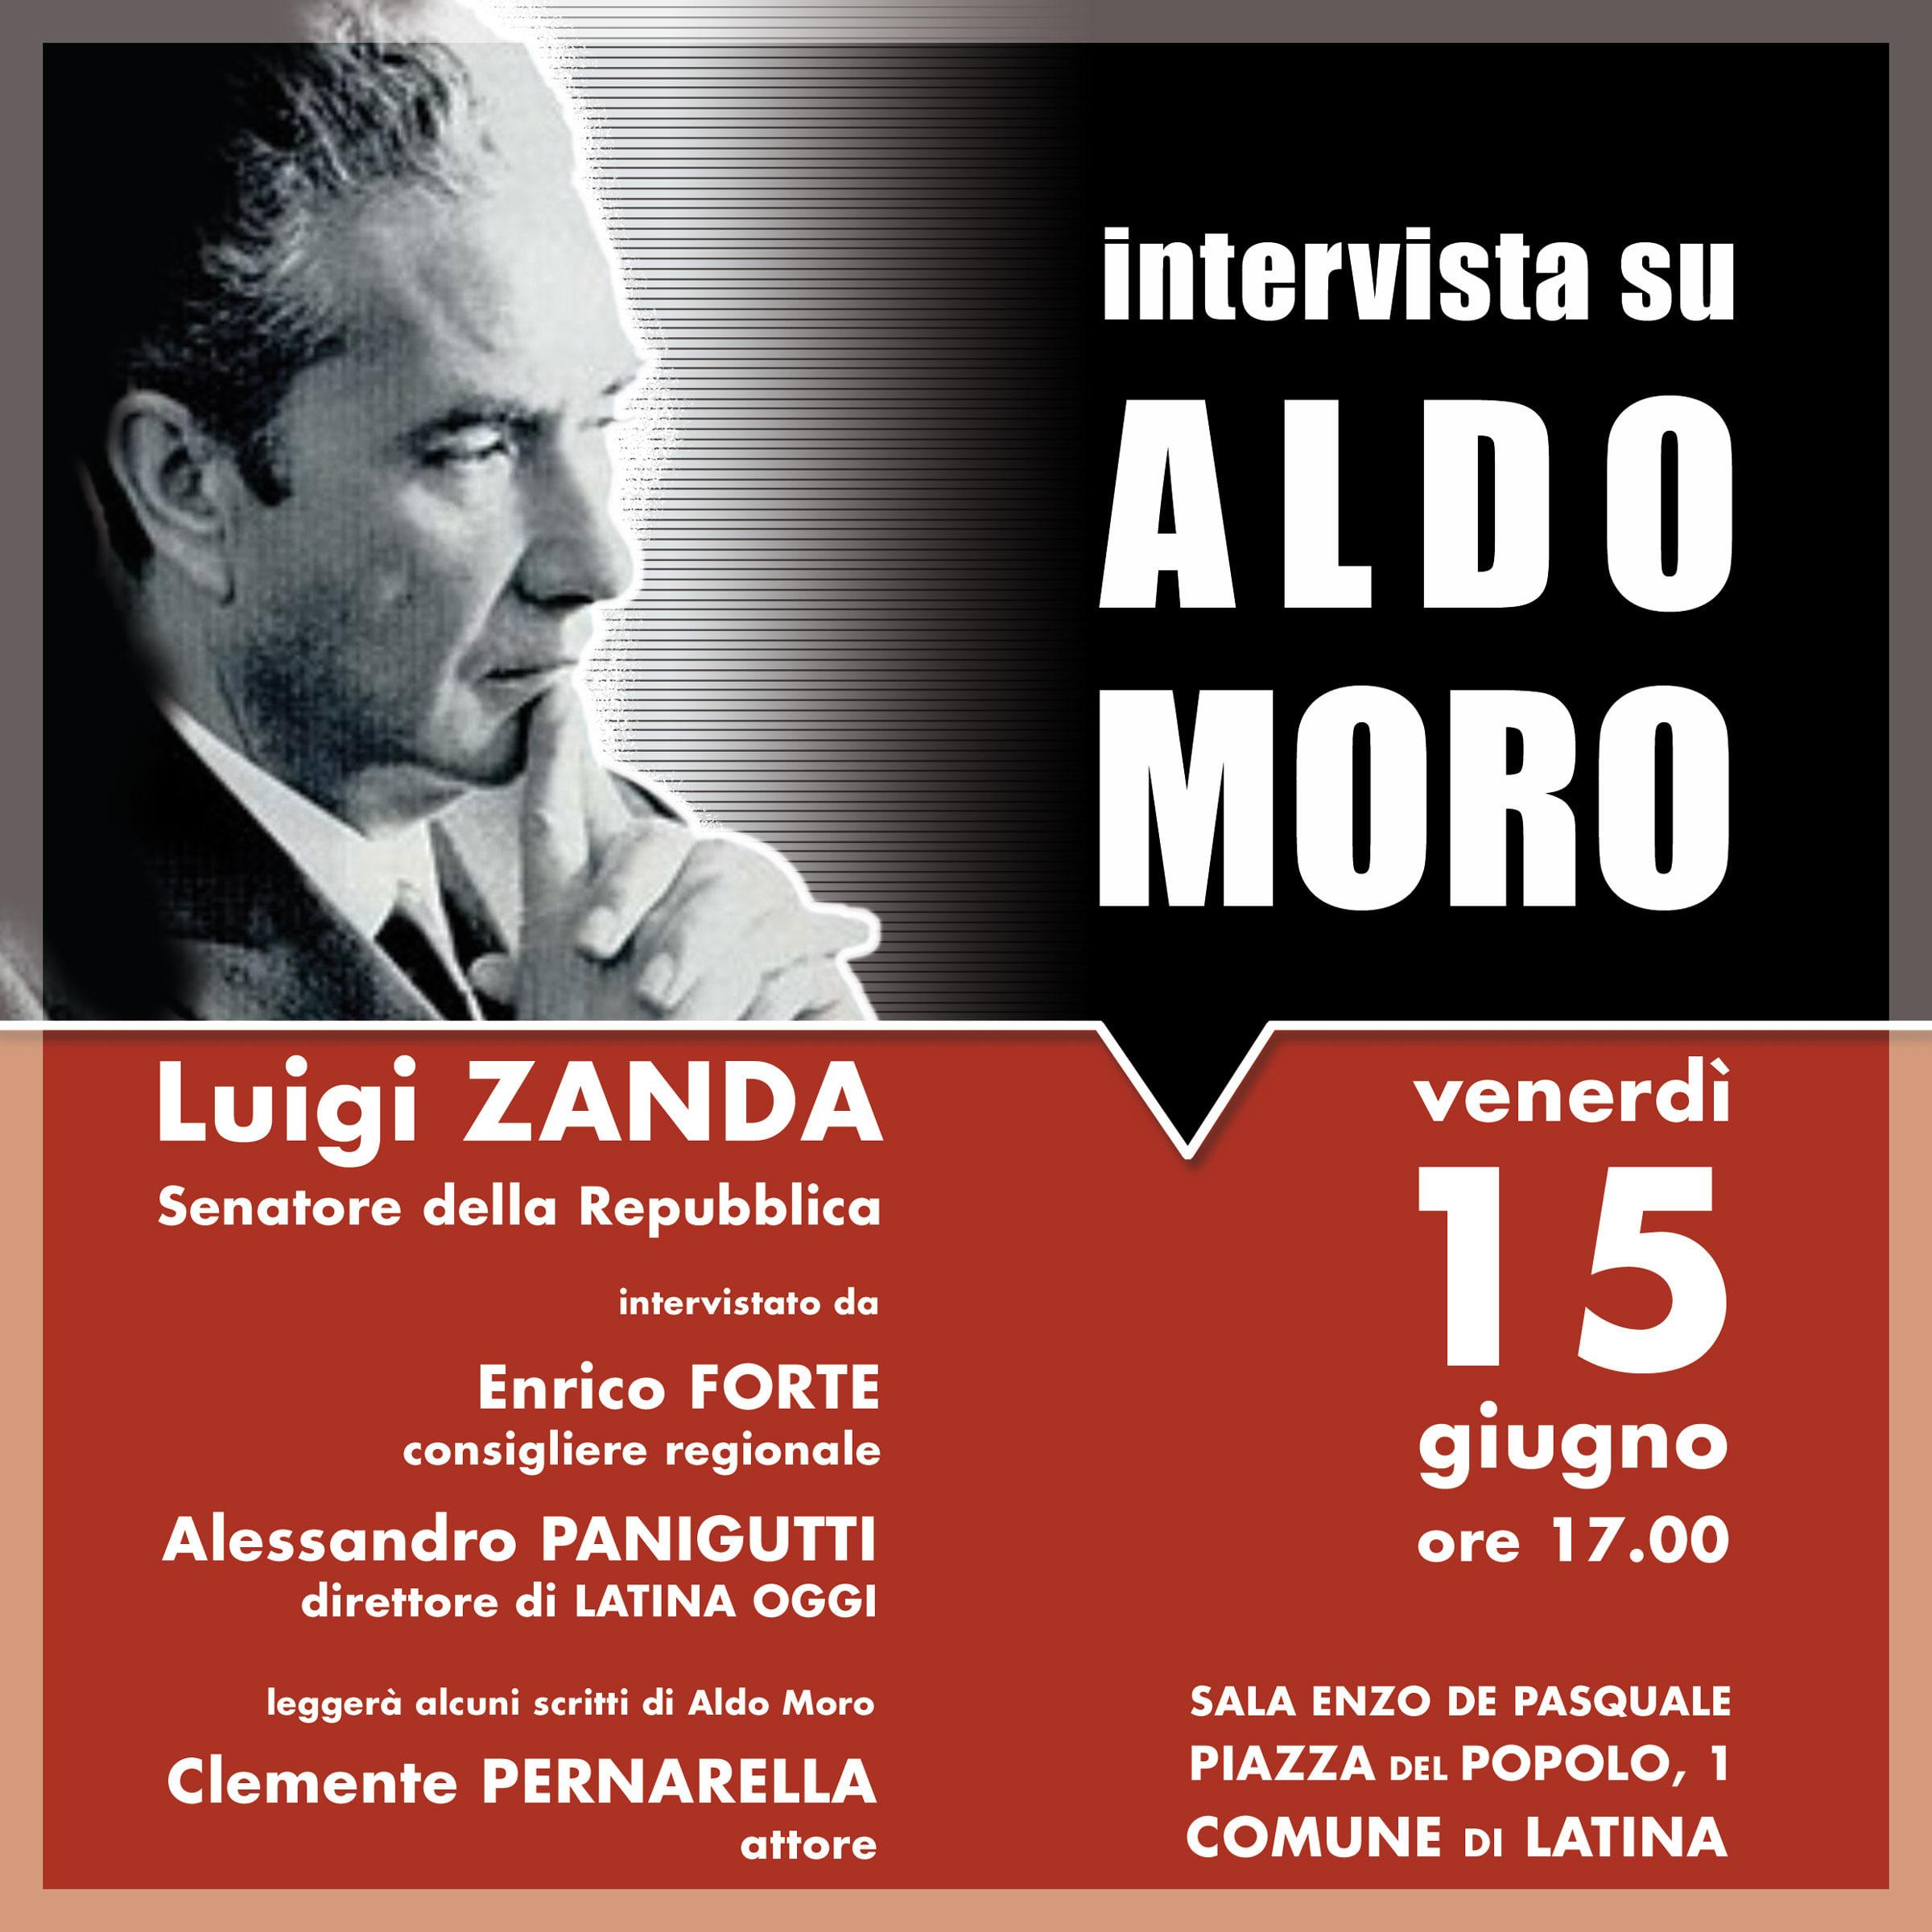 intervista_aldo_moro_zanda_latina-2